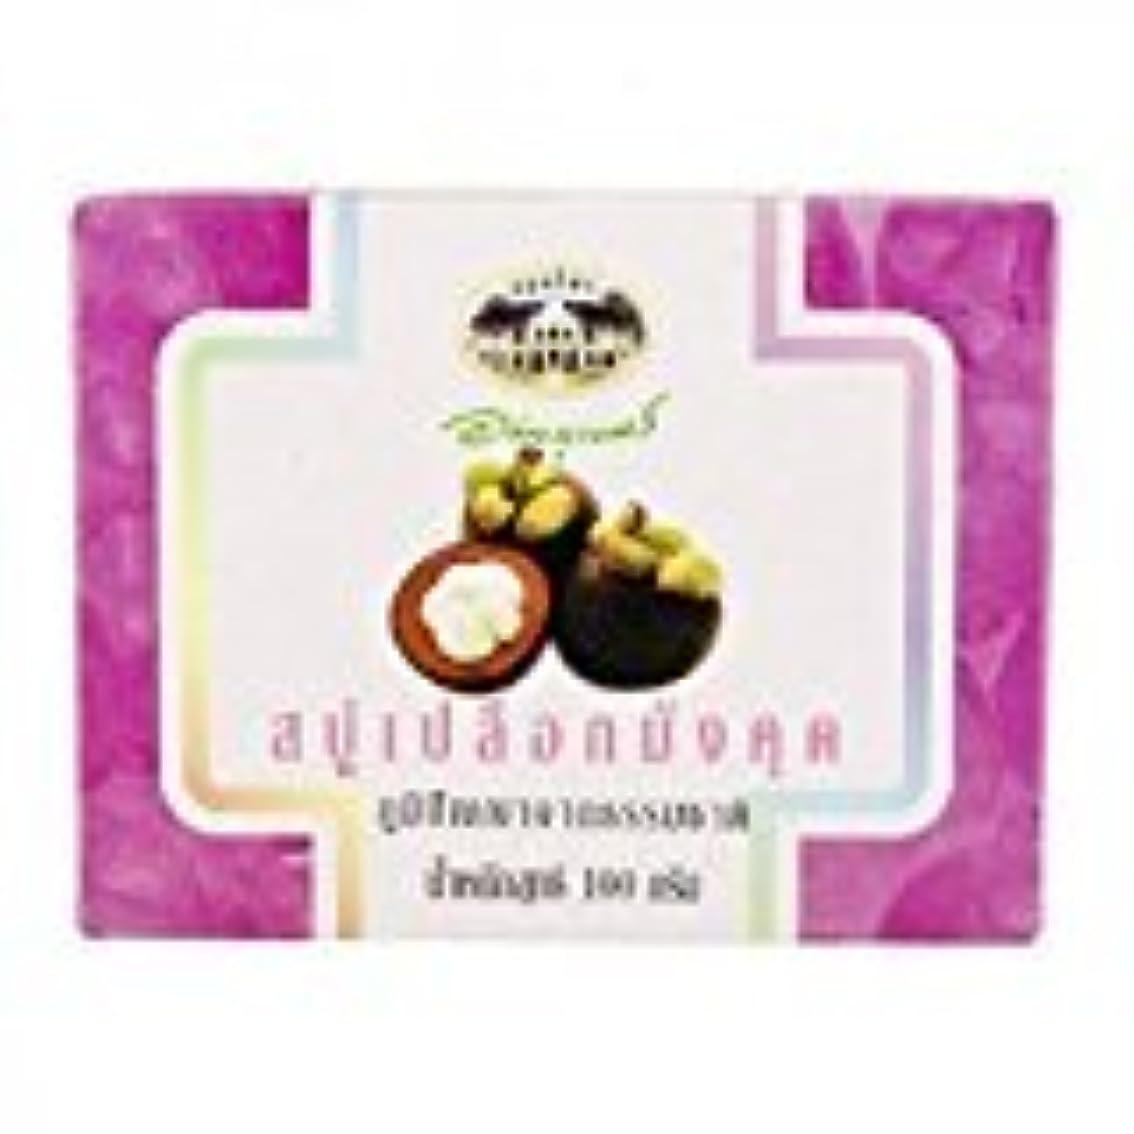 励起クスクス素晴らしいですマンゴスチン石鹸 abhaibhubejhr Mangosteen Peel Soap 100g 1個